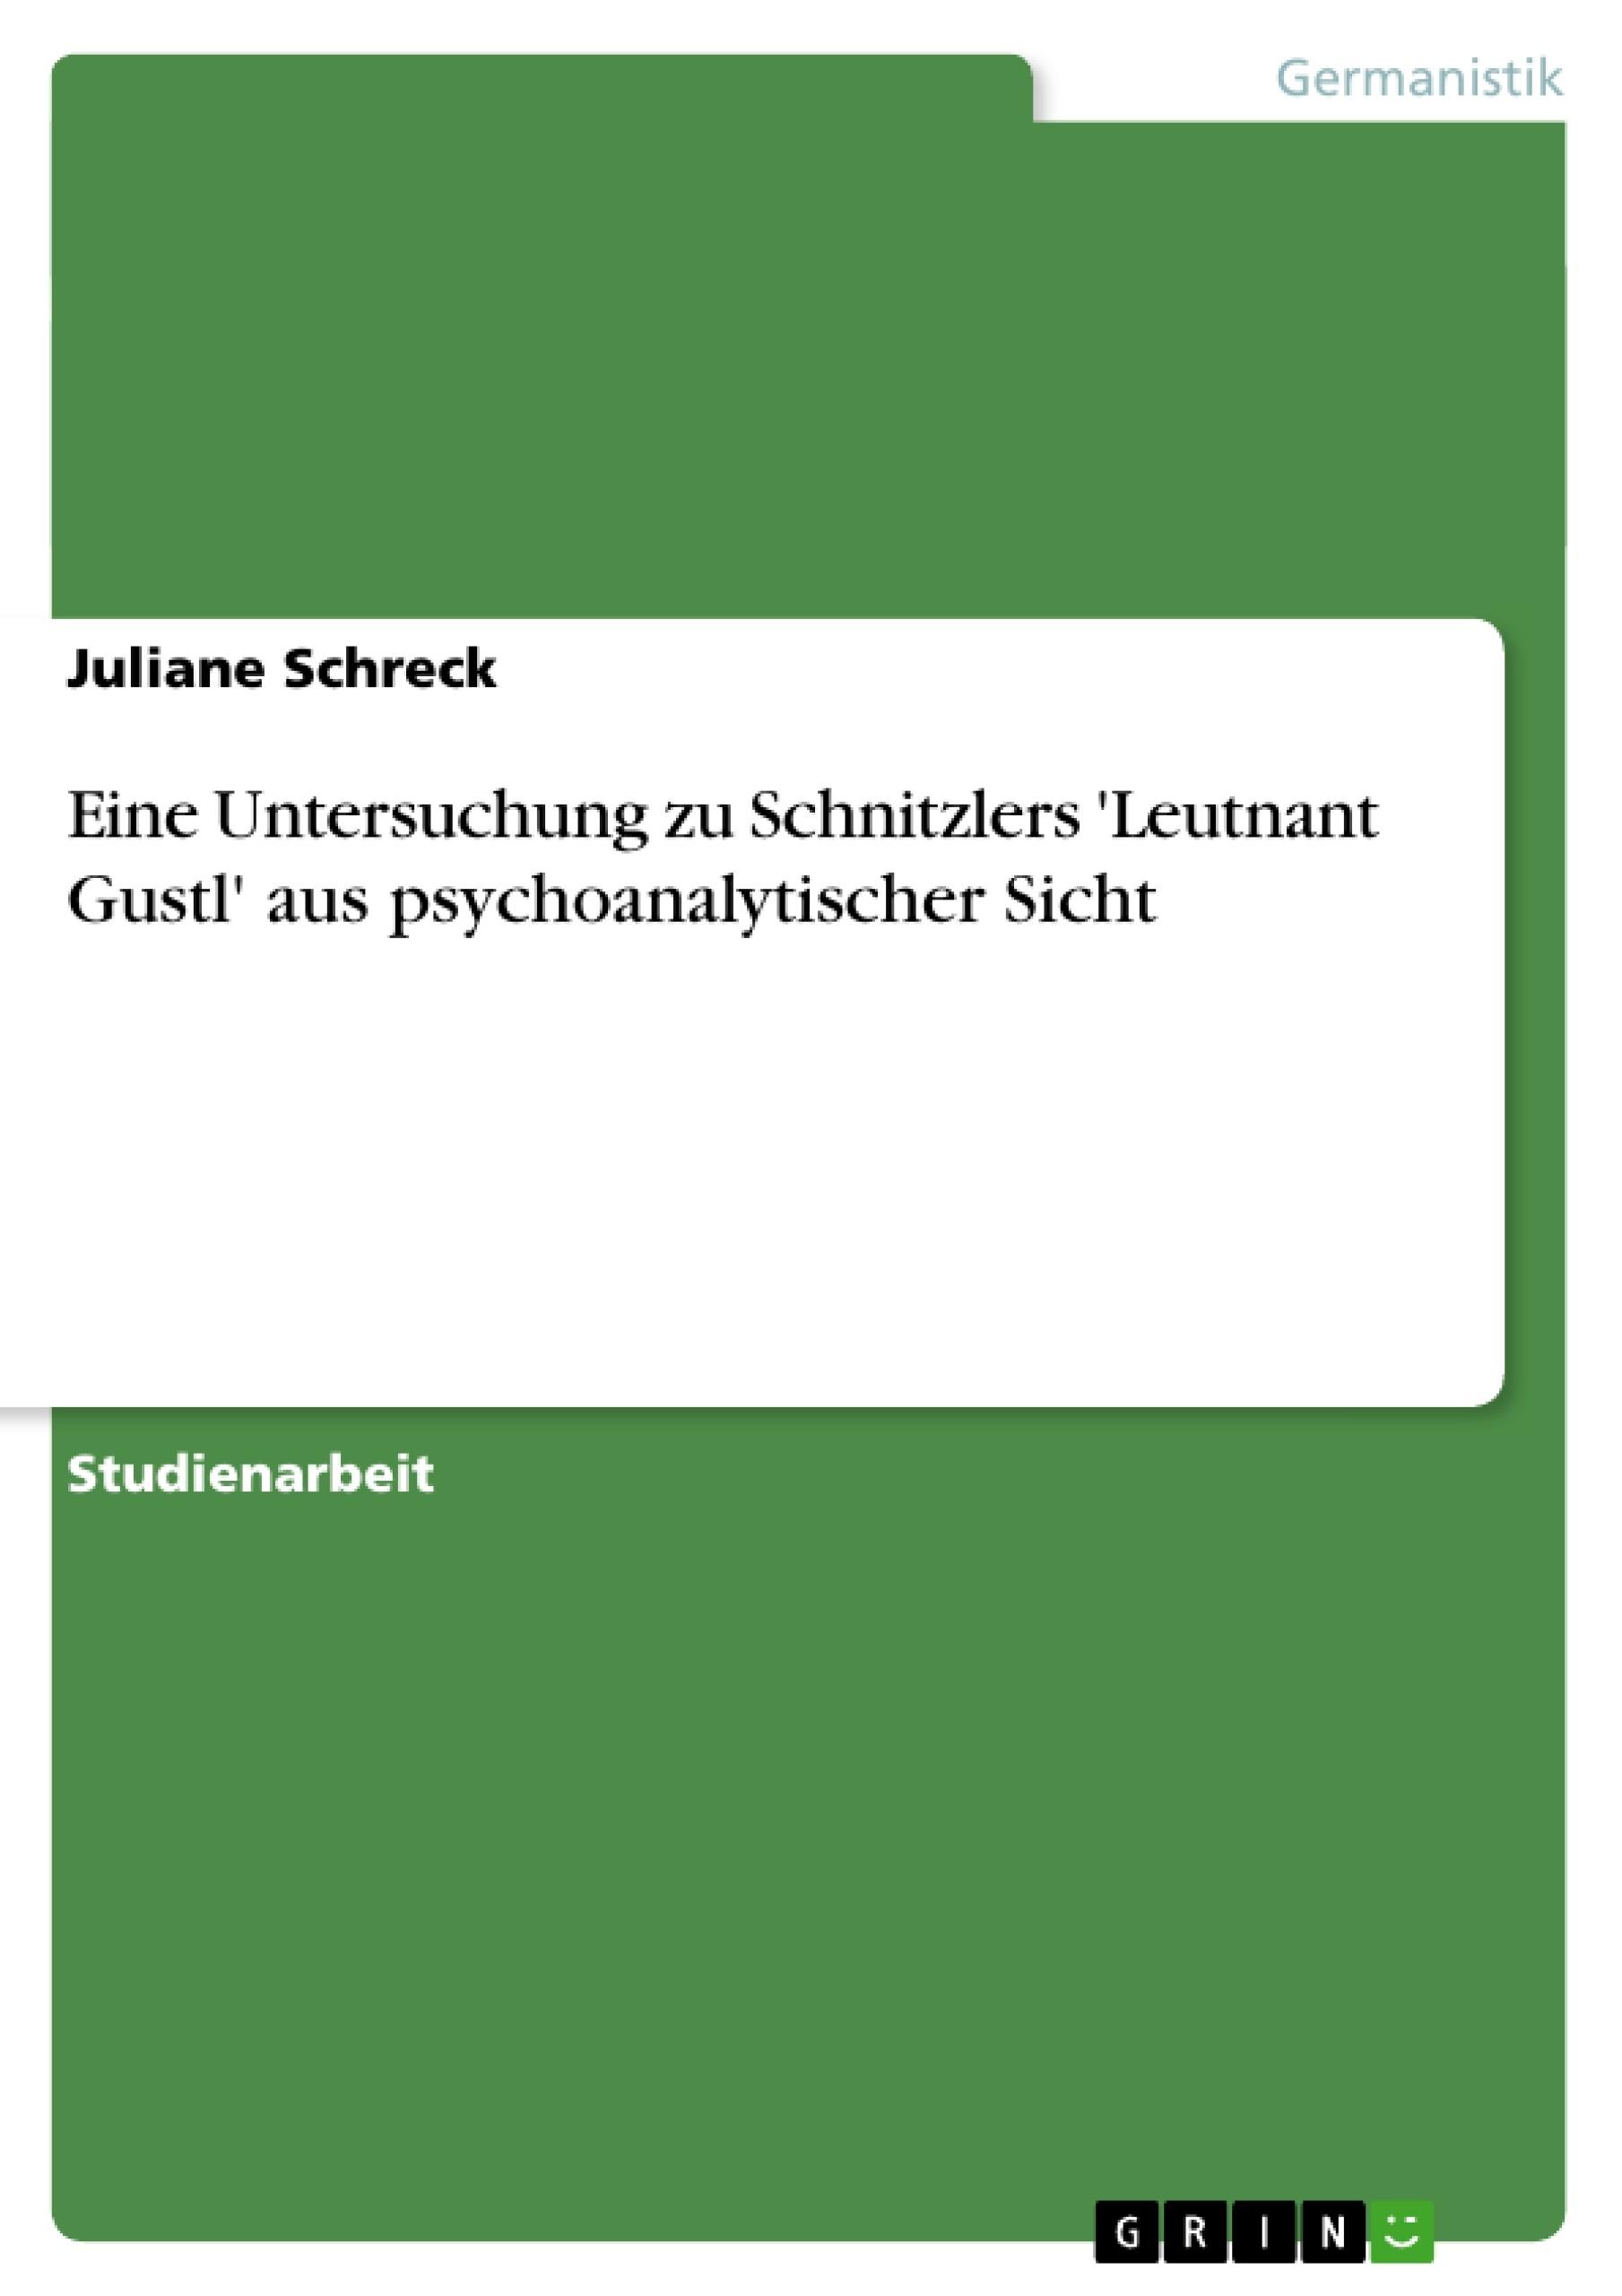 Titel: Eine Untersuchung zu Schnitzlers 'Leutnant Gustl' aus psychoanalytischer Sicht